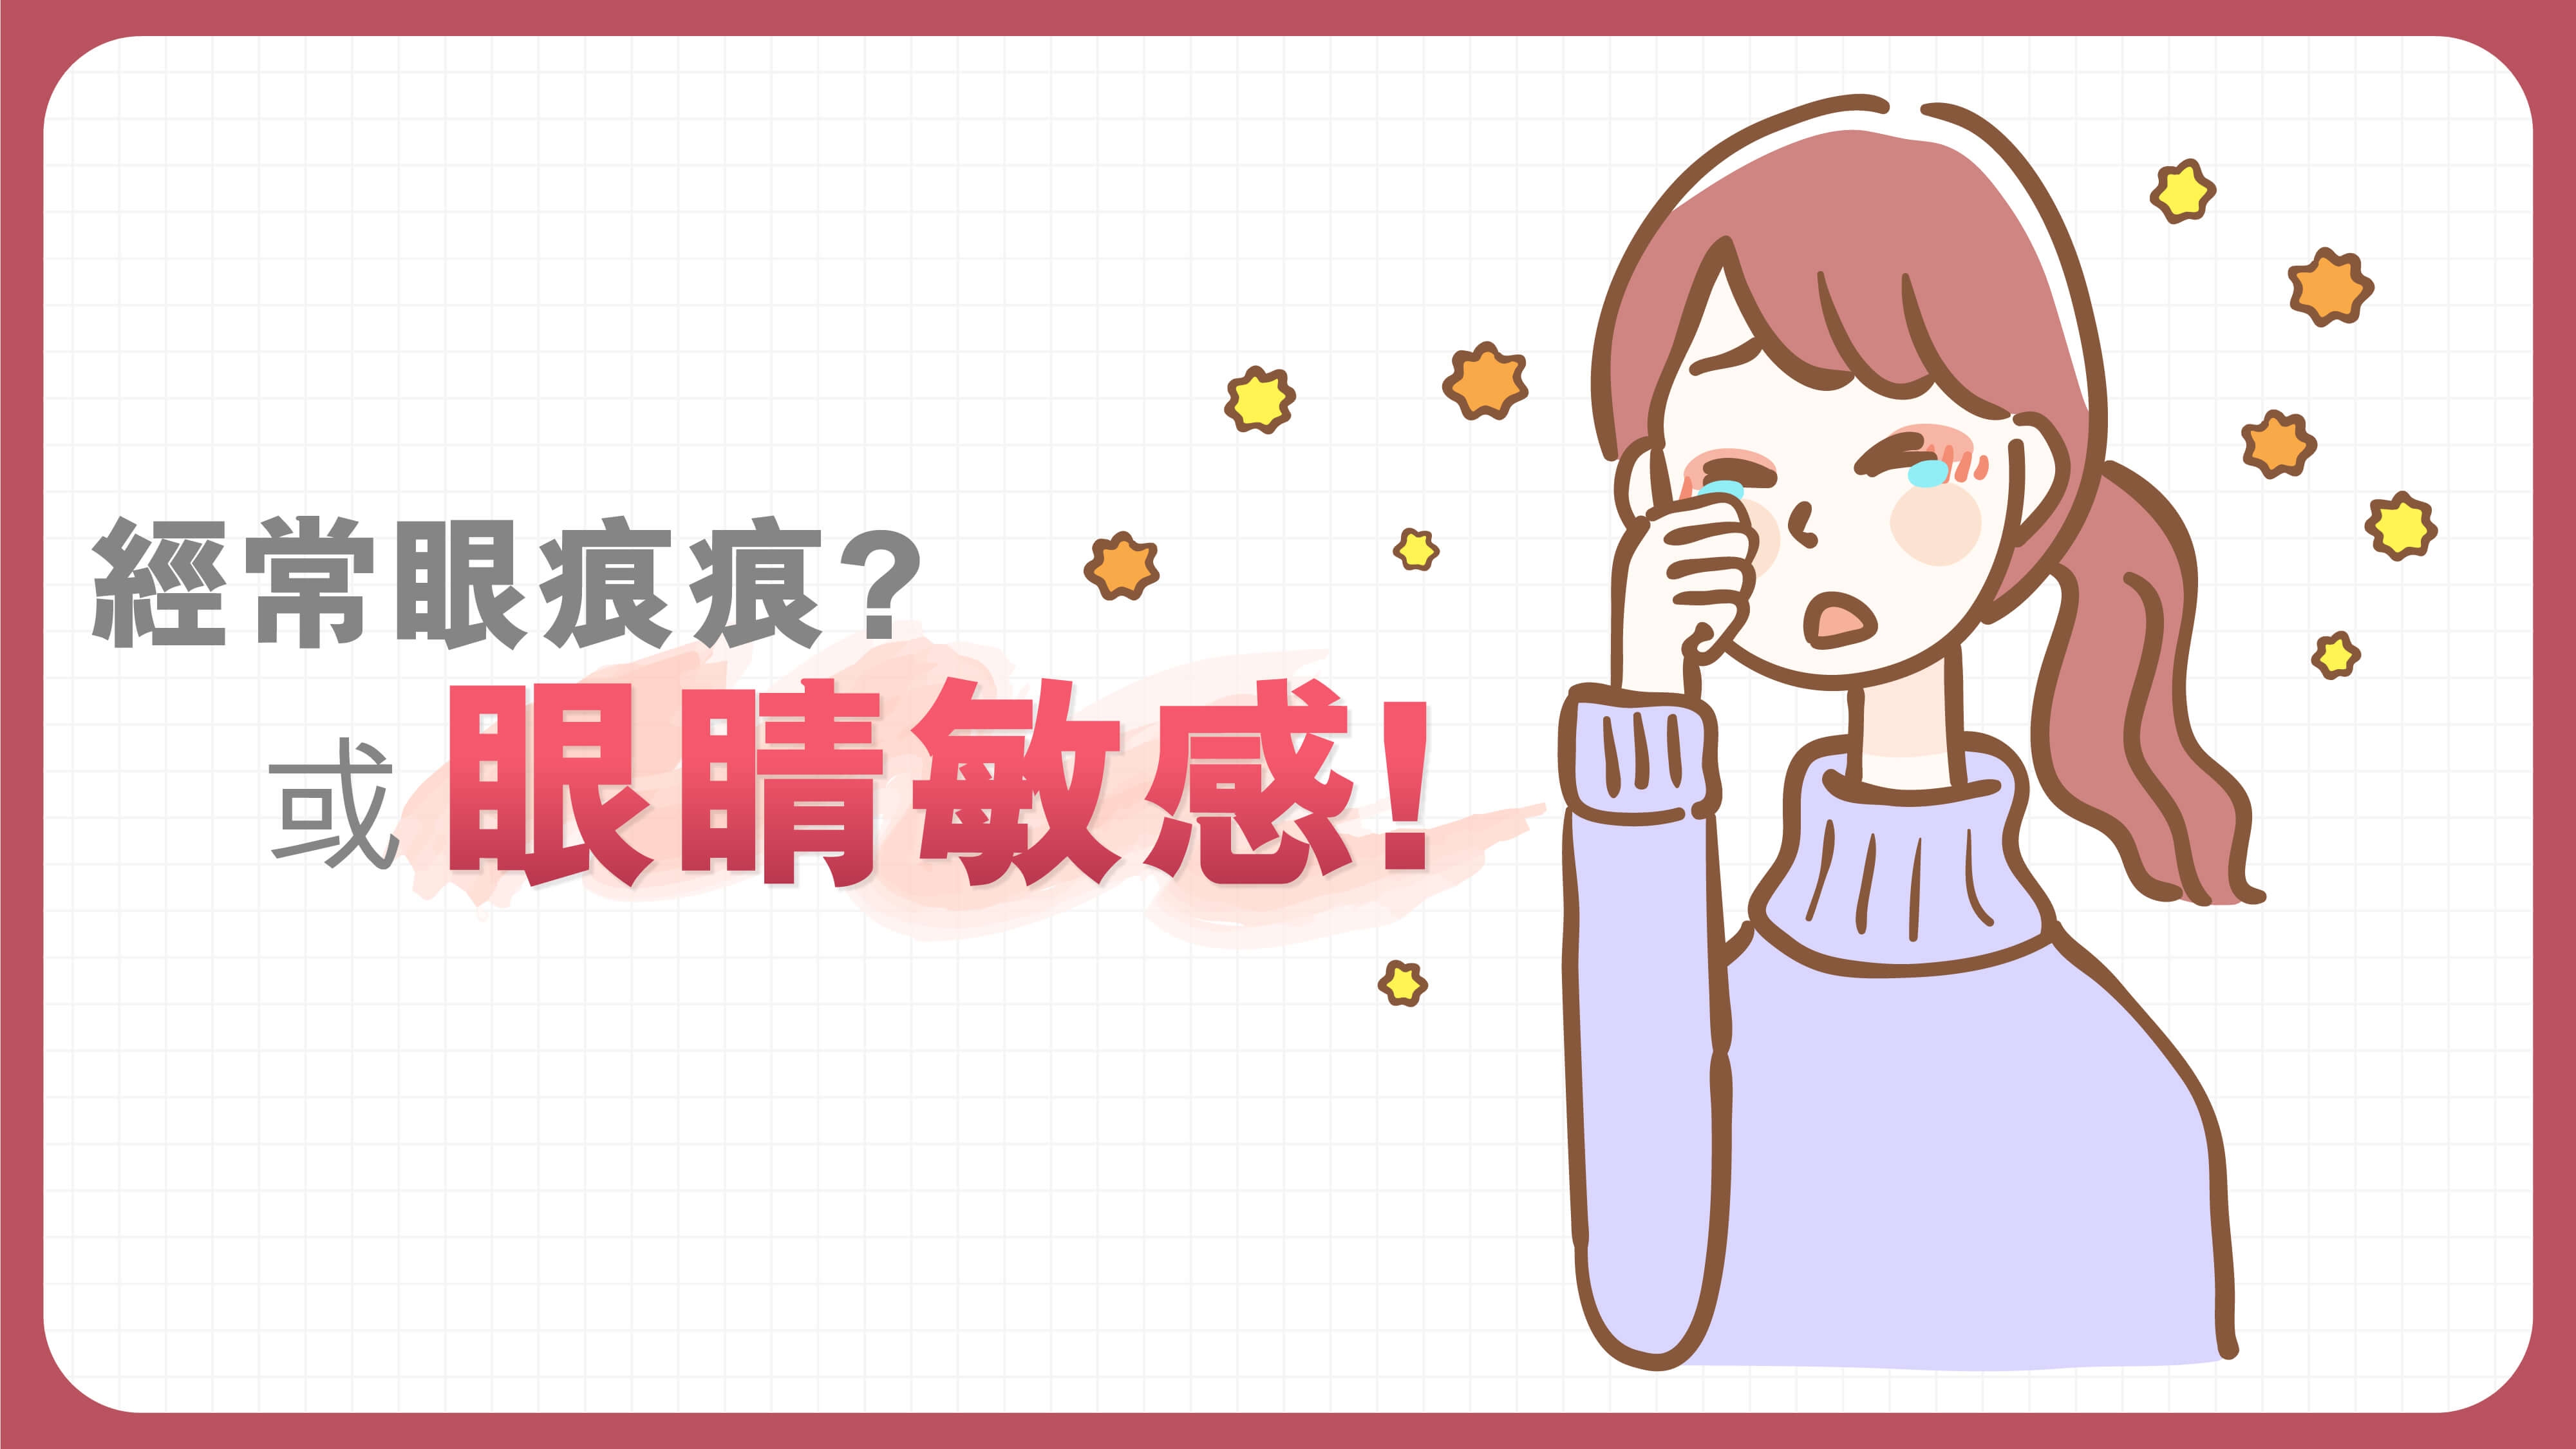 【眼痕.眼敏感】3大高危因素!